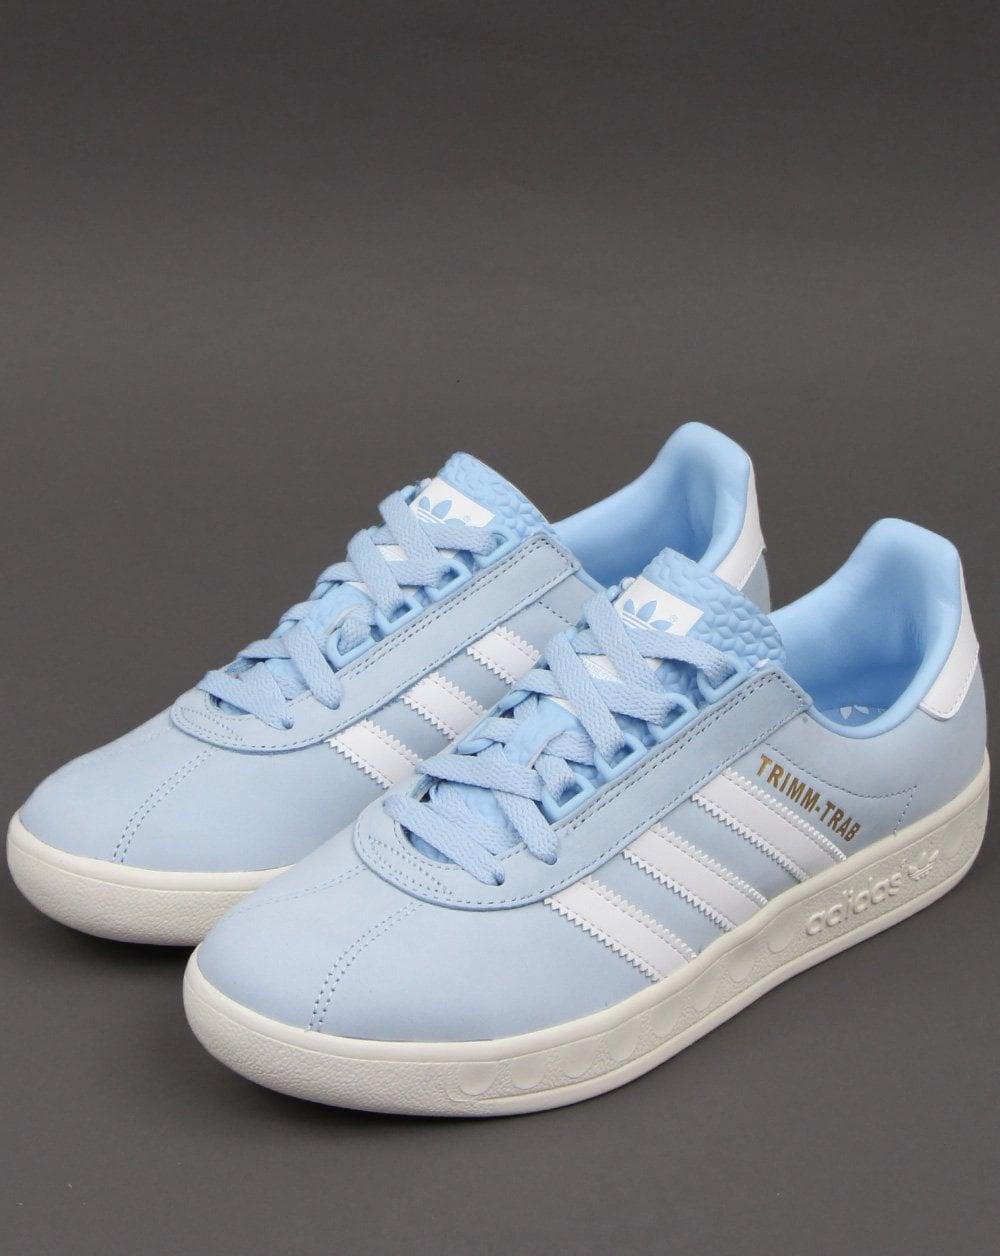 Buscar a tientas Reposición convergencia  Adidas Trimm Trab Trainers Sky Blue/White - 80s Casual Classics